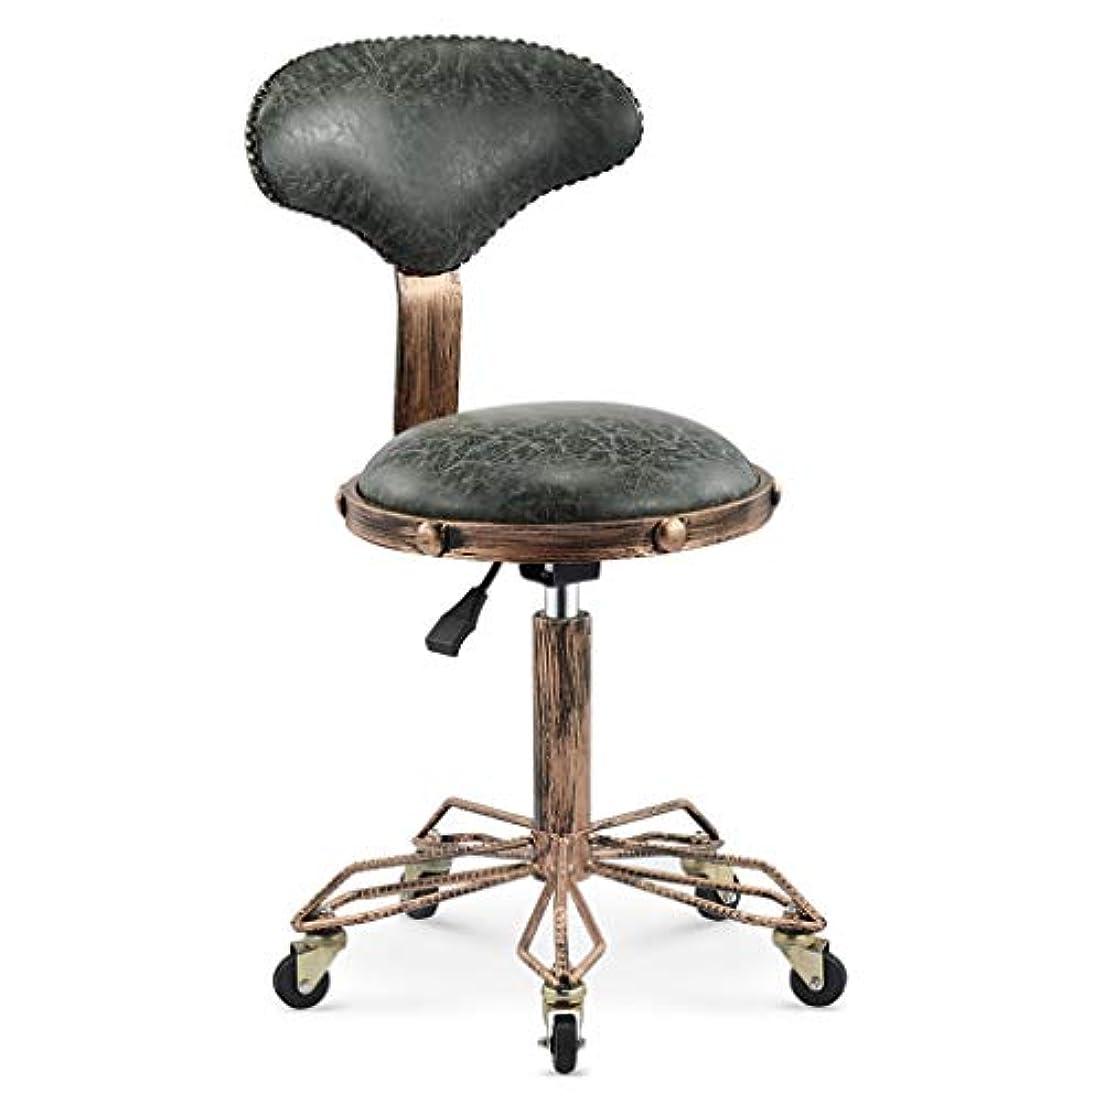 オーロック間違いインスタンス回転椅子-美容スツール理髪店の椅子ヘアサロンロータリーリフトスツールメイクヘアサロンプーリーチェア散髪 (Color : Dark green)